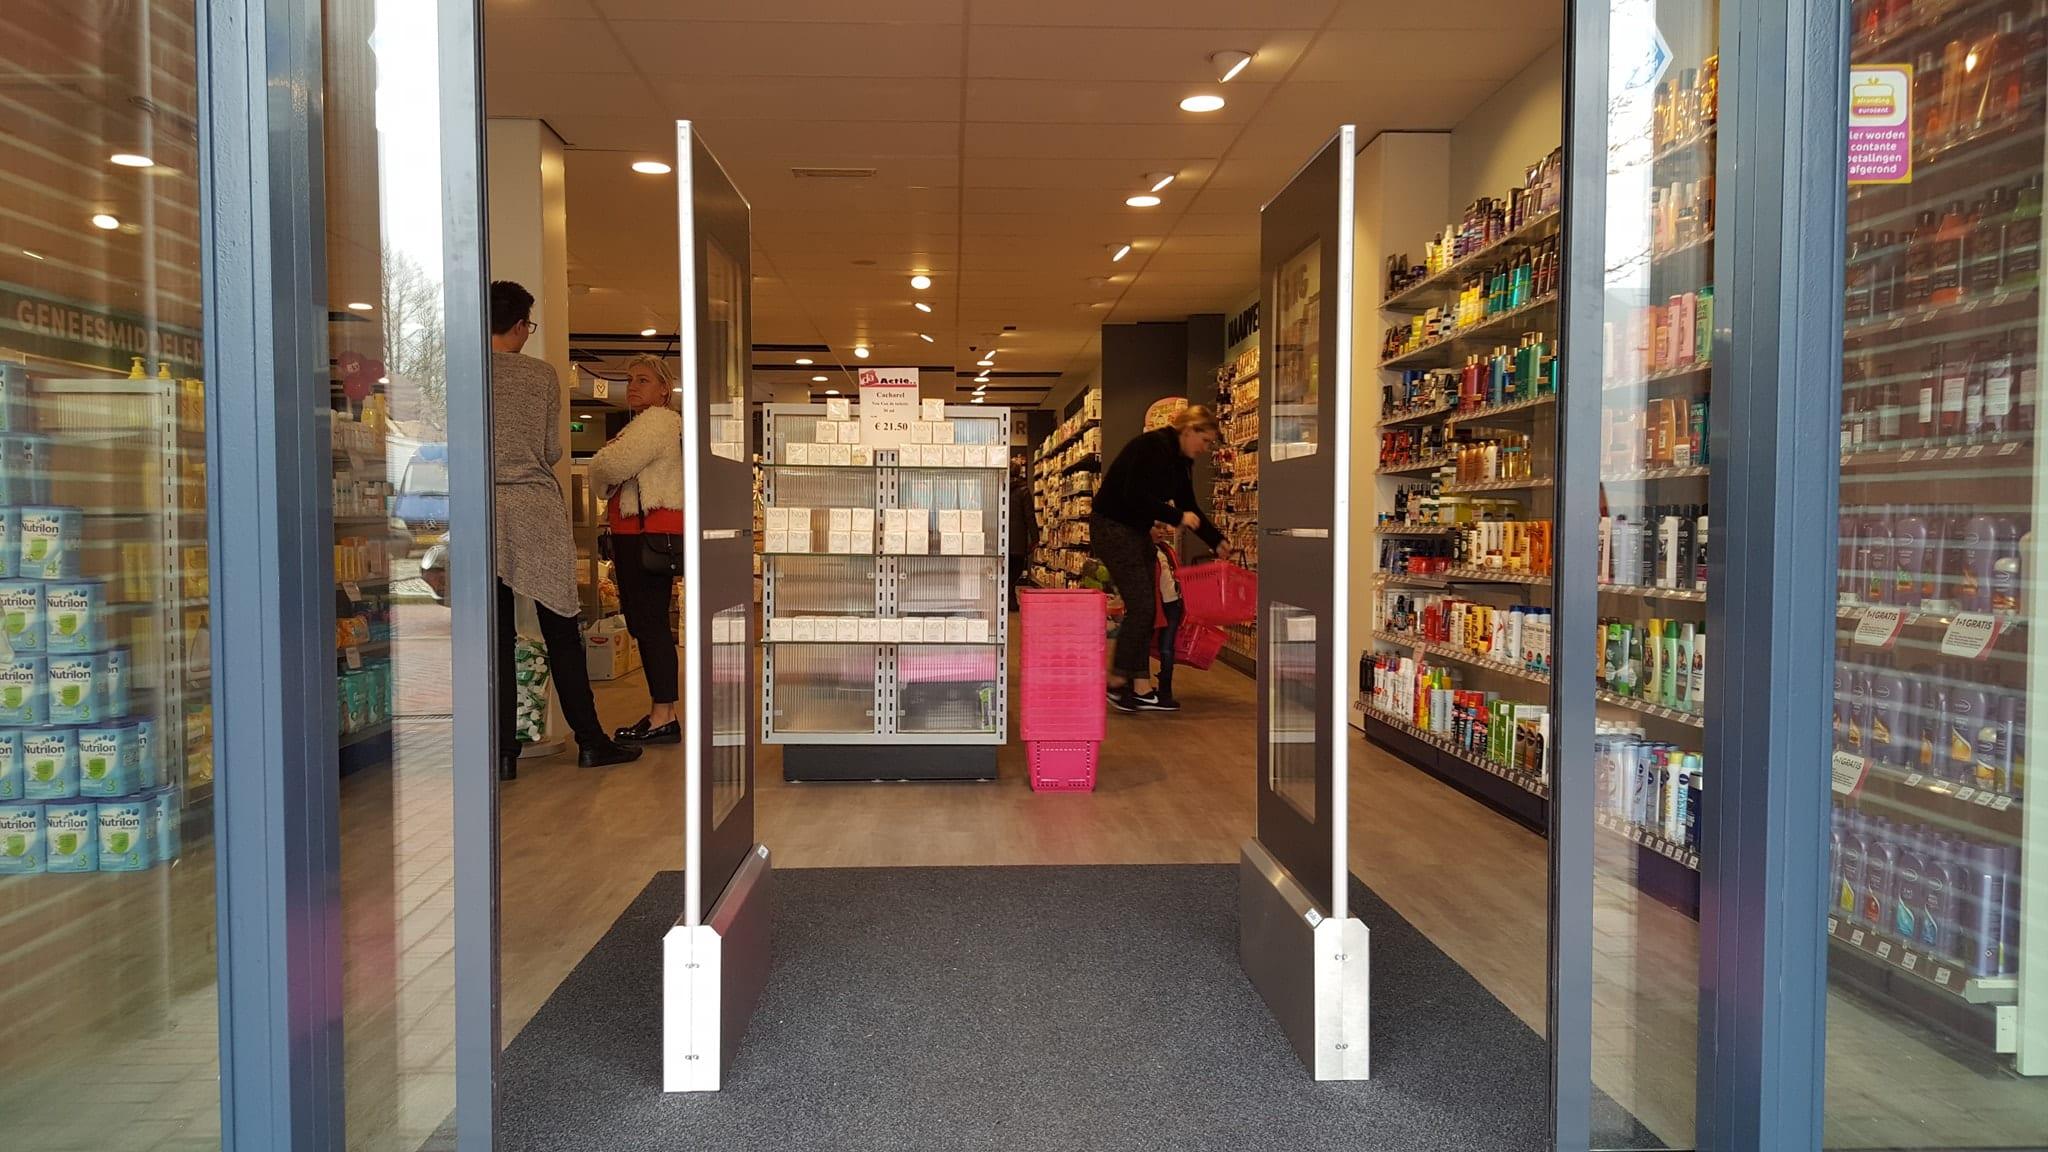 DA - Boezerooij - Grootegast - parfumerie - drogisterij - artikelbeveiliging - productbeveiliging - detectiepoortjes - EM - TAGIT - Premium Light - cosmetica - parfum - beveiligingslabels - discreet - transparant